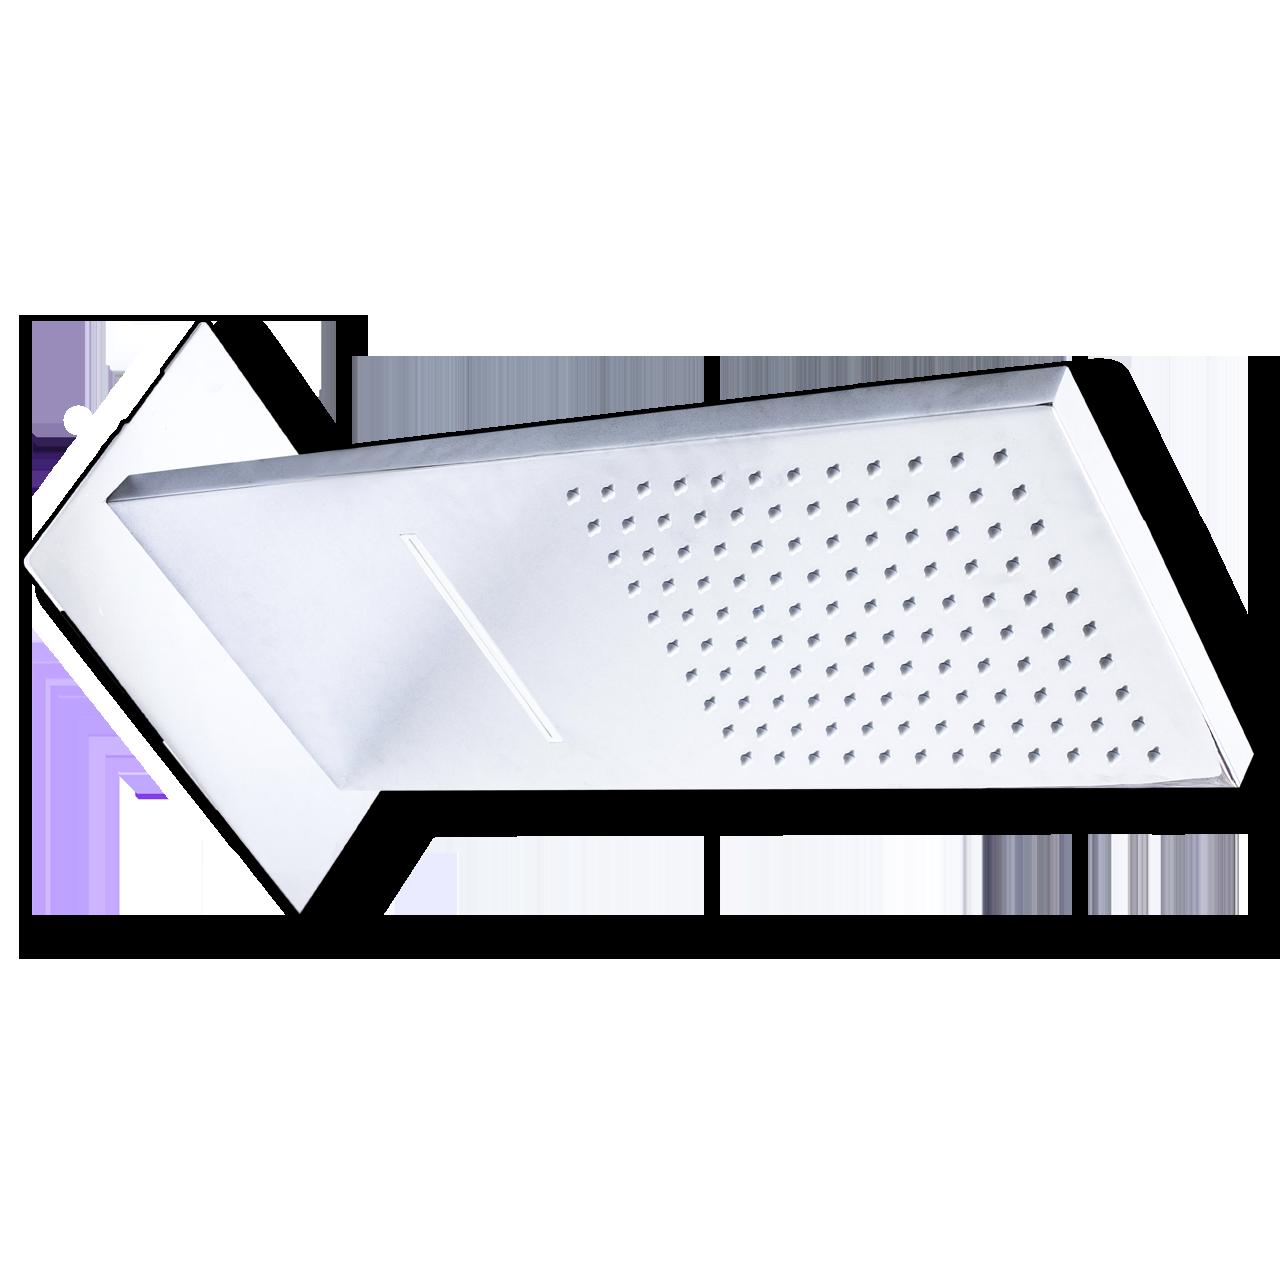 Душ настенный двух режимный, для встройки в стену ( инсталляция ) душ+водопад